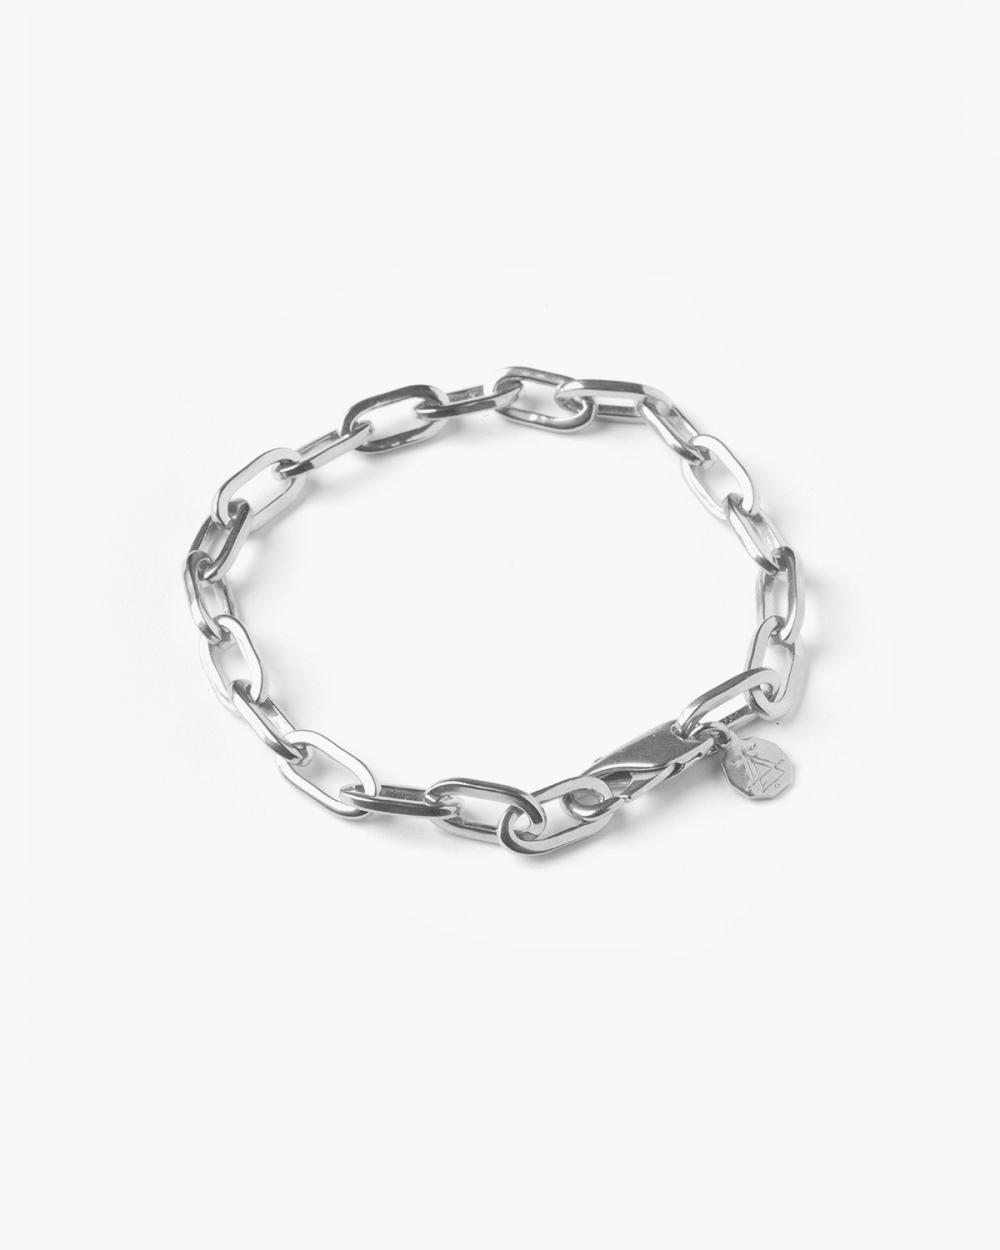 Bracelets SILVER MEDIUM OVAL BOX CHAIN BRACELET NOVE25